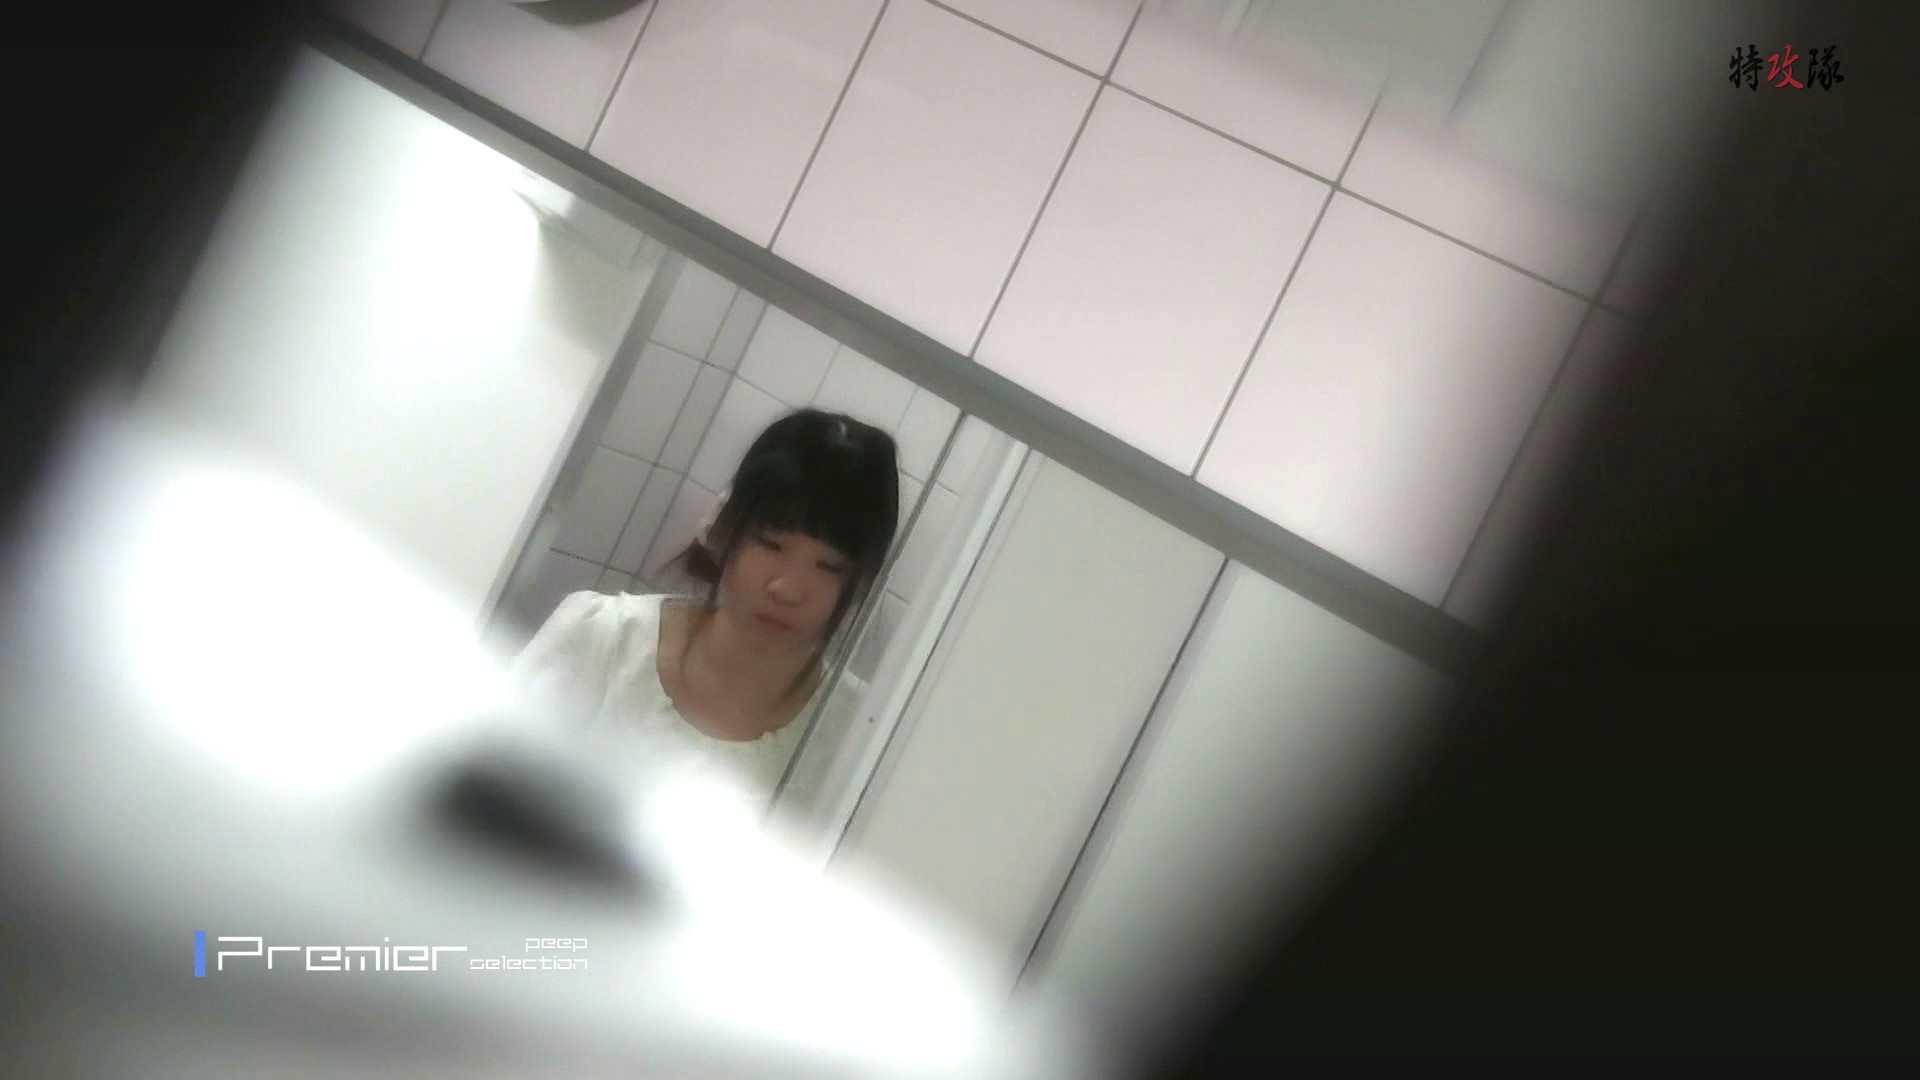 幻14 清楚系女子下半身はジャングル!!撮り師泣かせの密林 トイレ盗撮 盗撮で悶絶  48画像 30